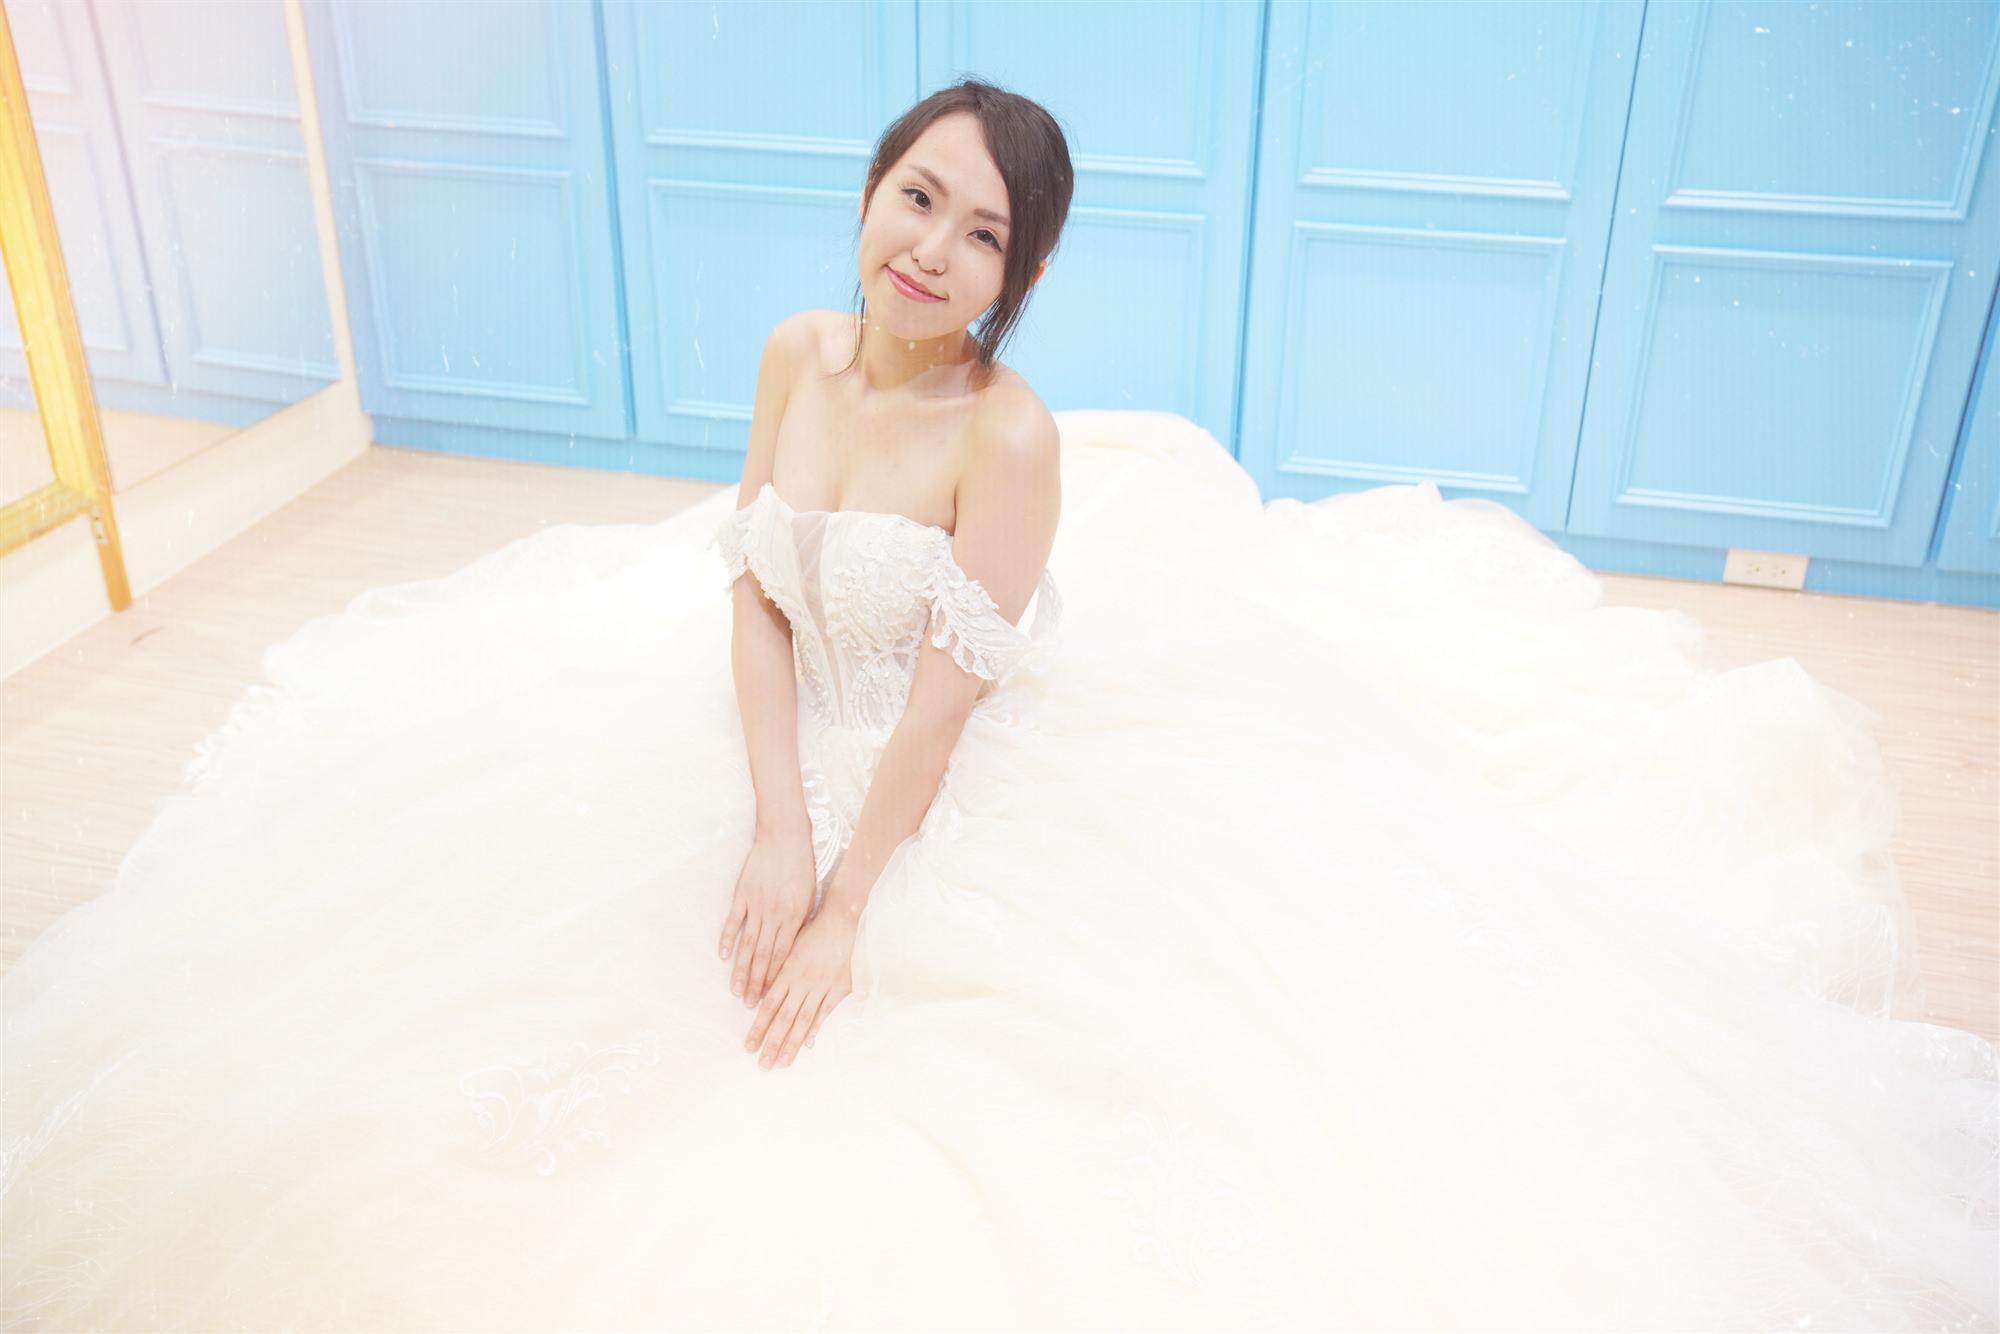 【婚紗試穿】台北市| Eudora 恩朵拉精緻手工婚紗 ~ 性感、典雅又氣派的唯美婚紗